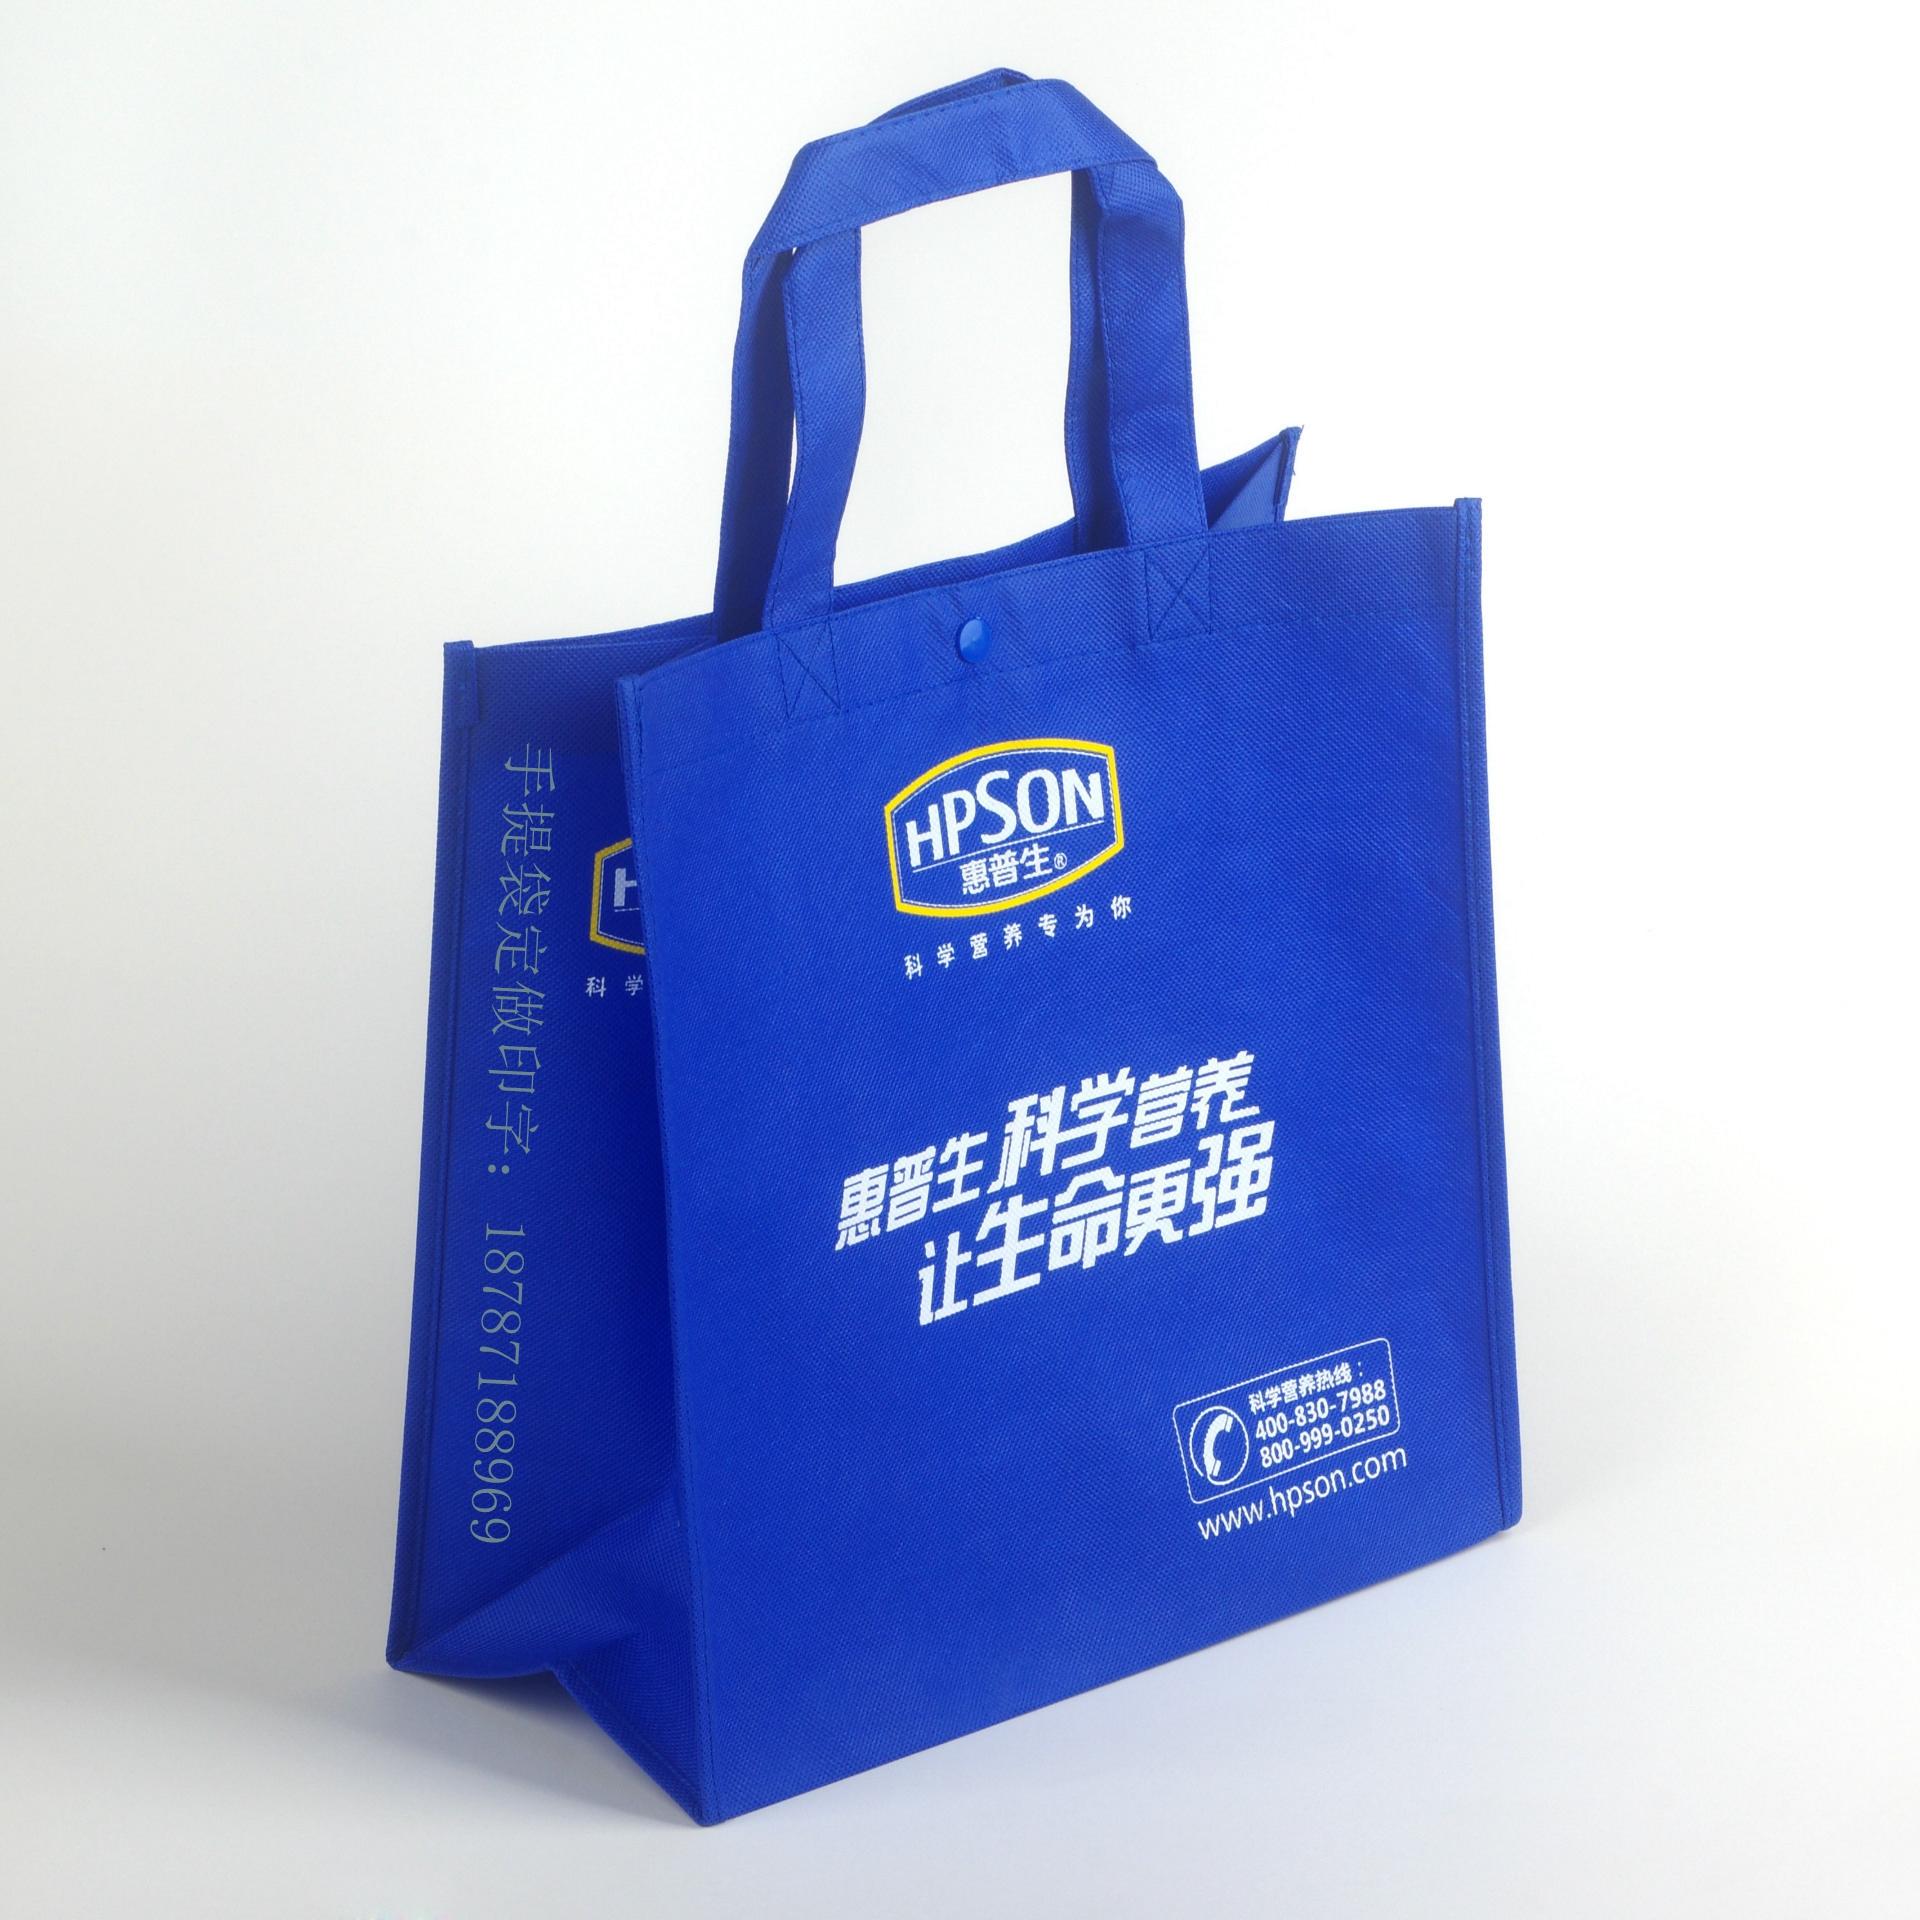 昆明做袋子厂家,环保袋手提袋定做,广告袋字的印刷,无纺布料大量库存图片